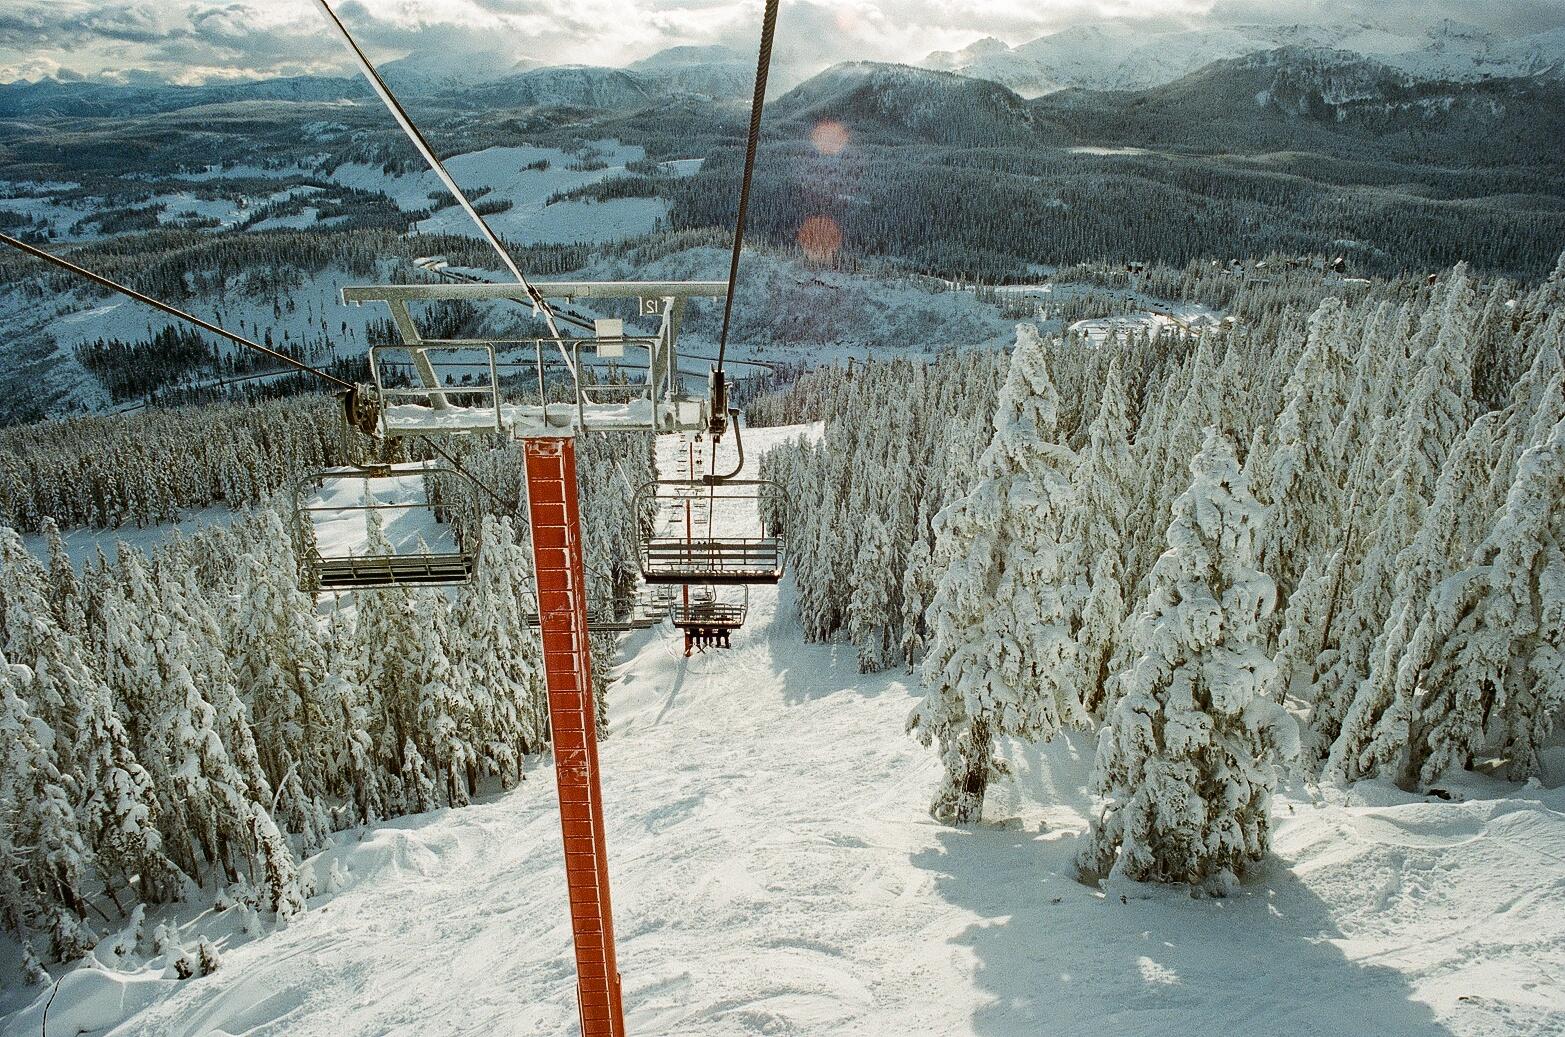 Mount Washington -